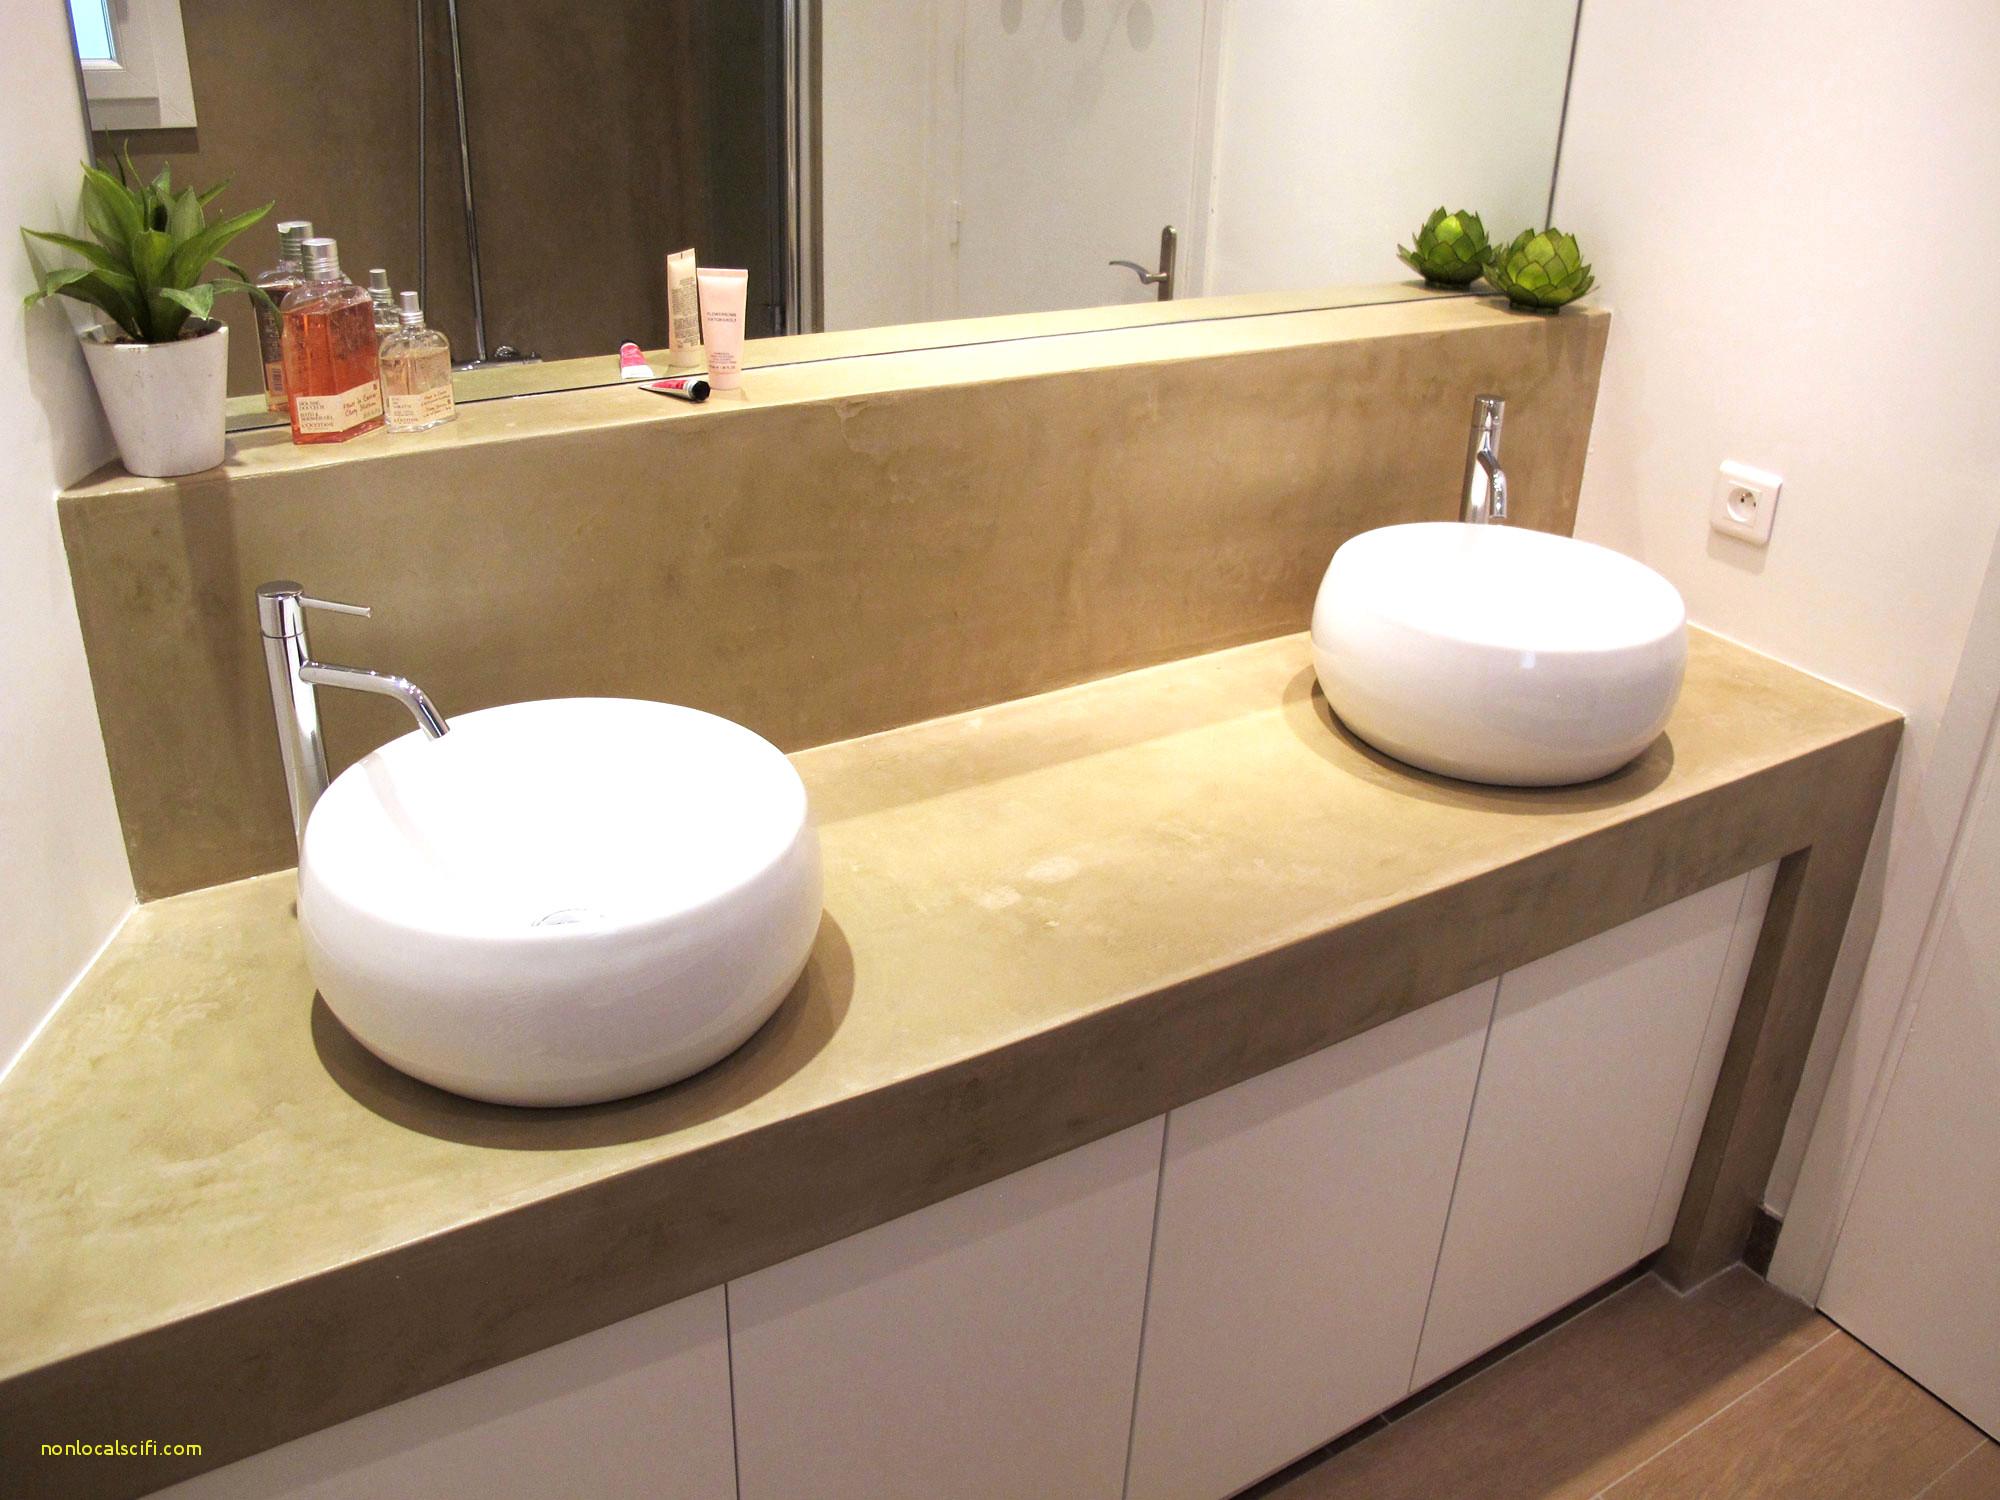 Vasque à Poser Ikea Luxe Stock Résultat Supérieur 99 Superbe Lavabo Vasque Salle De Bain Pic 2018